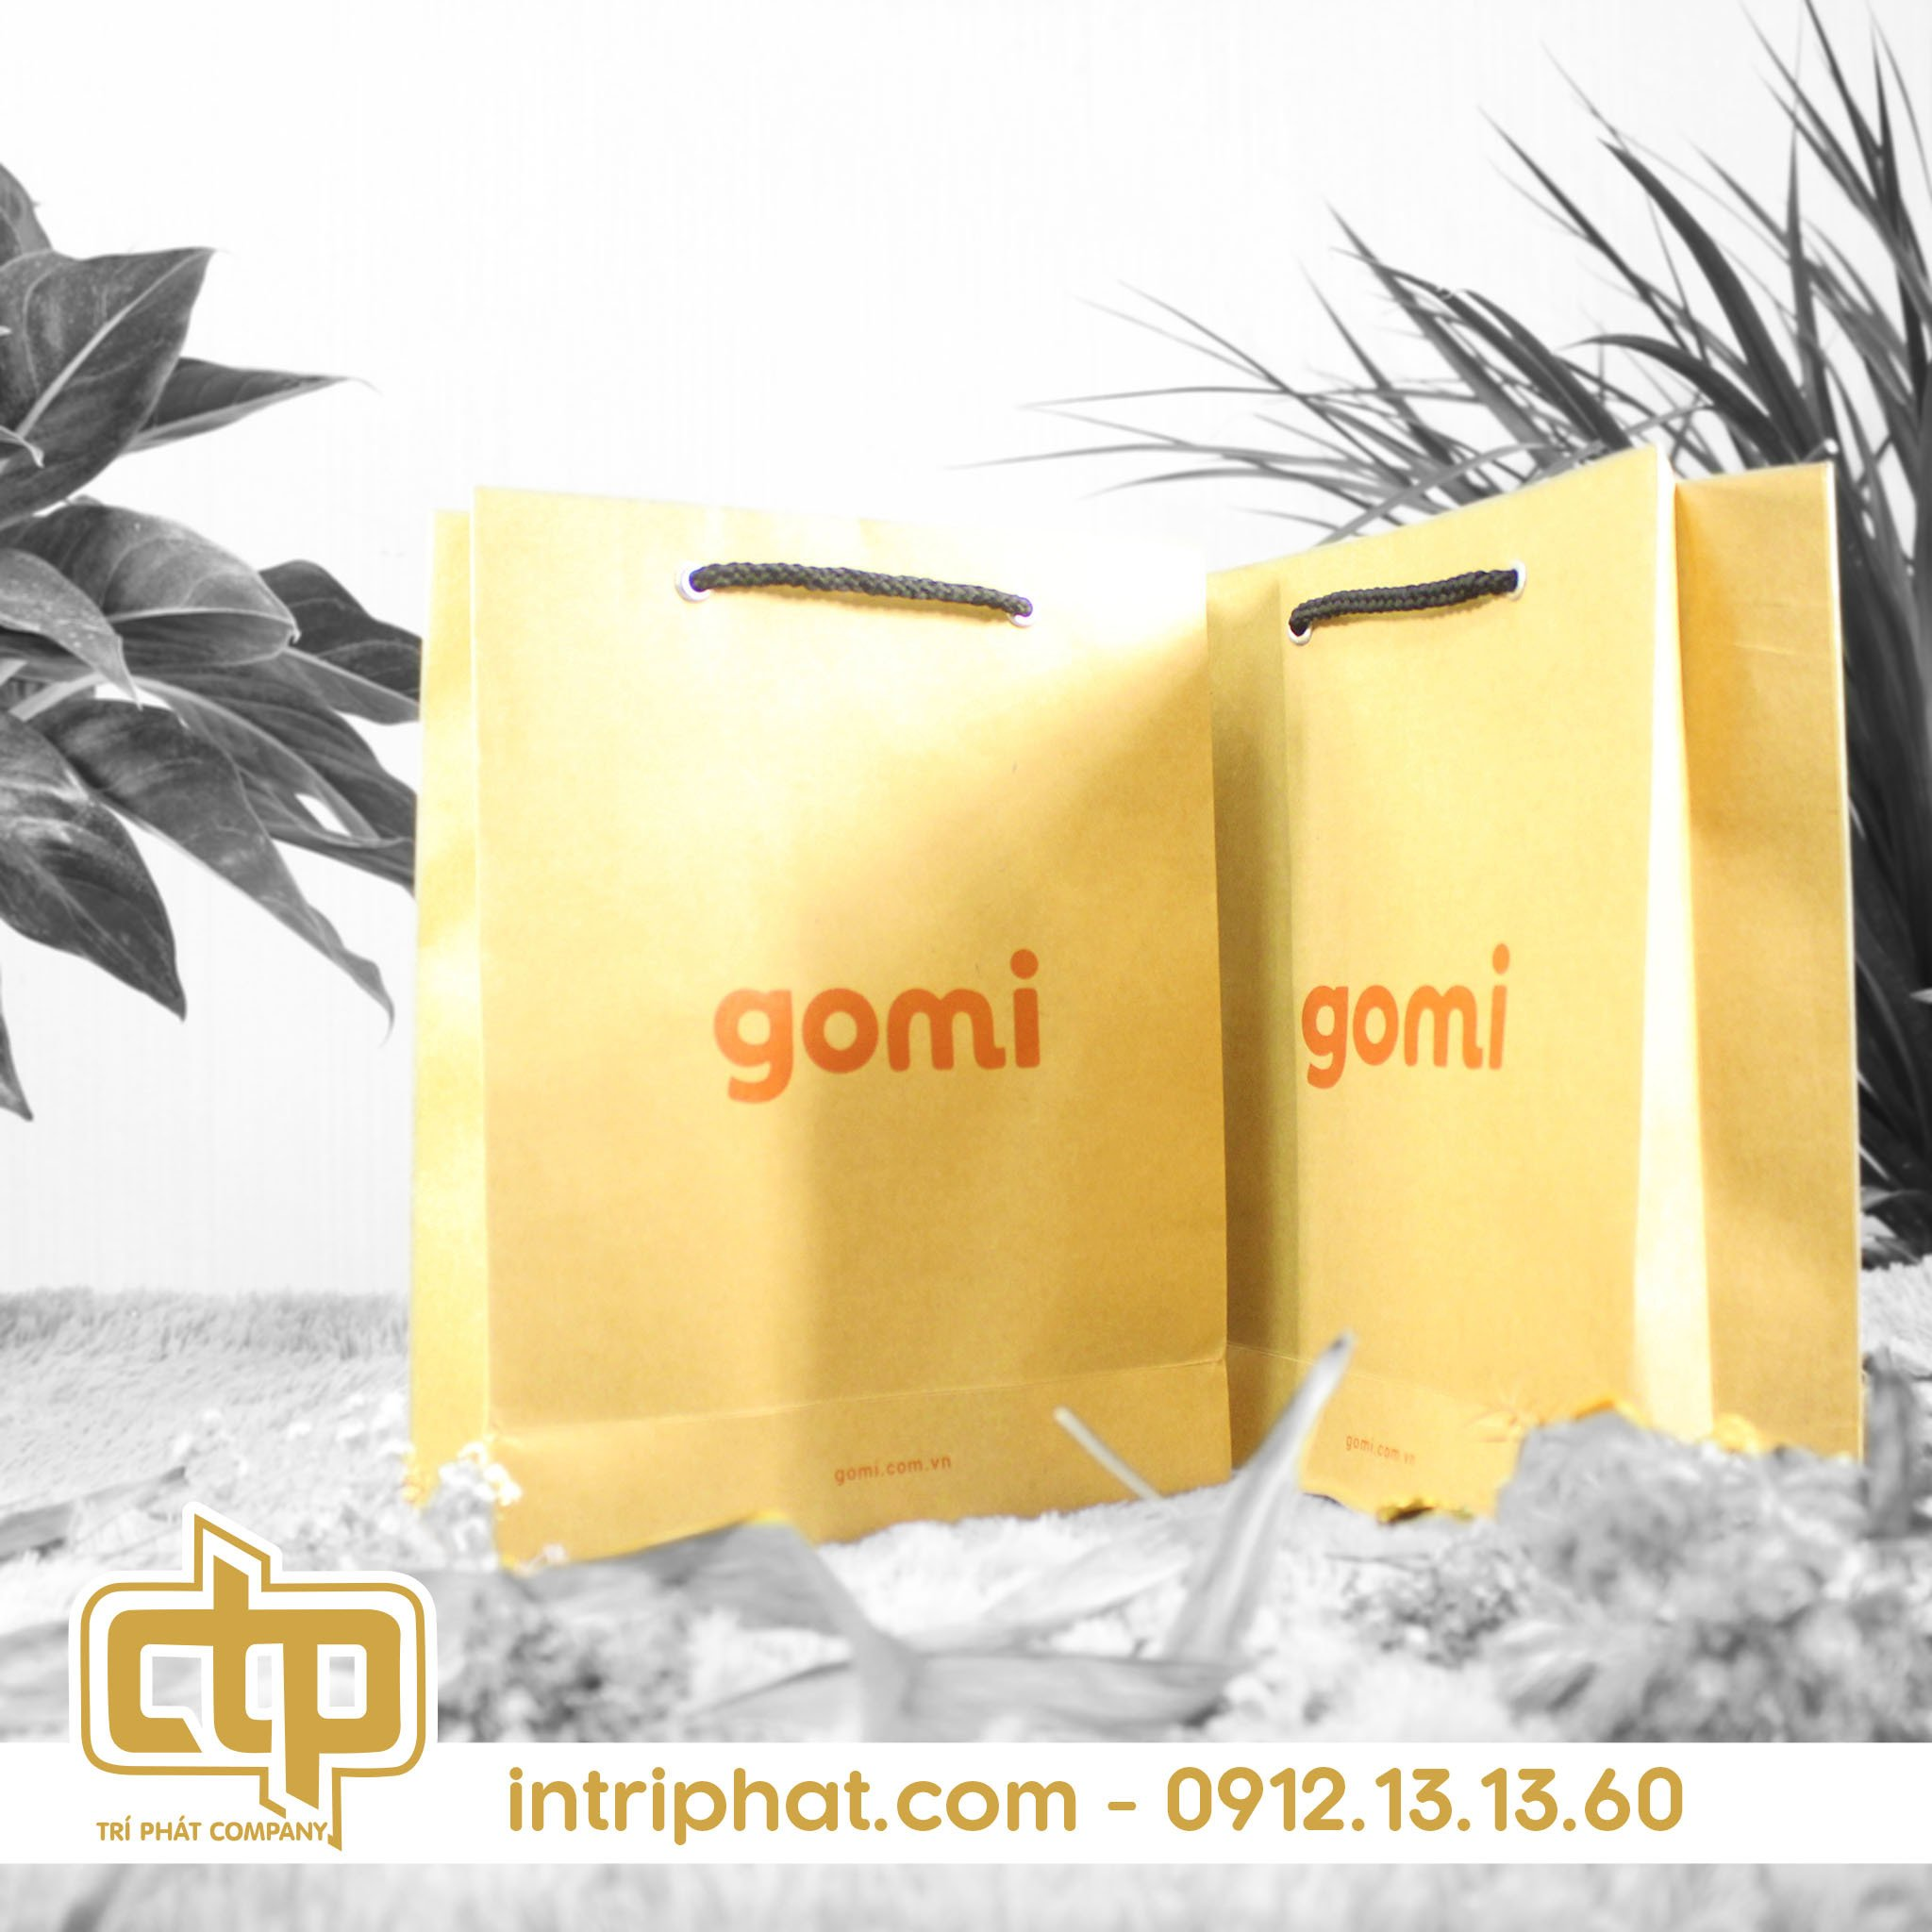 mẫu túi giấy đẹp cho cửa hàng thời trang